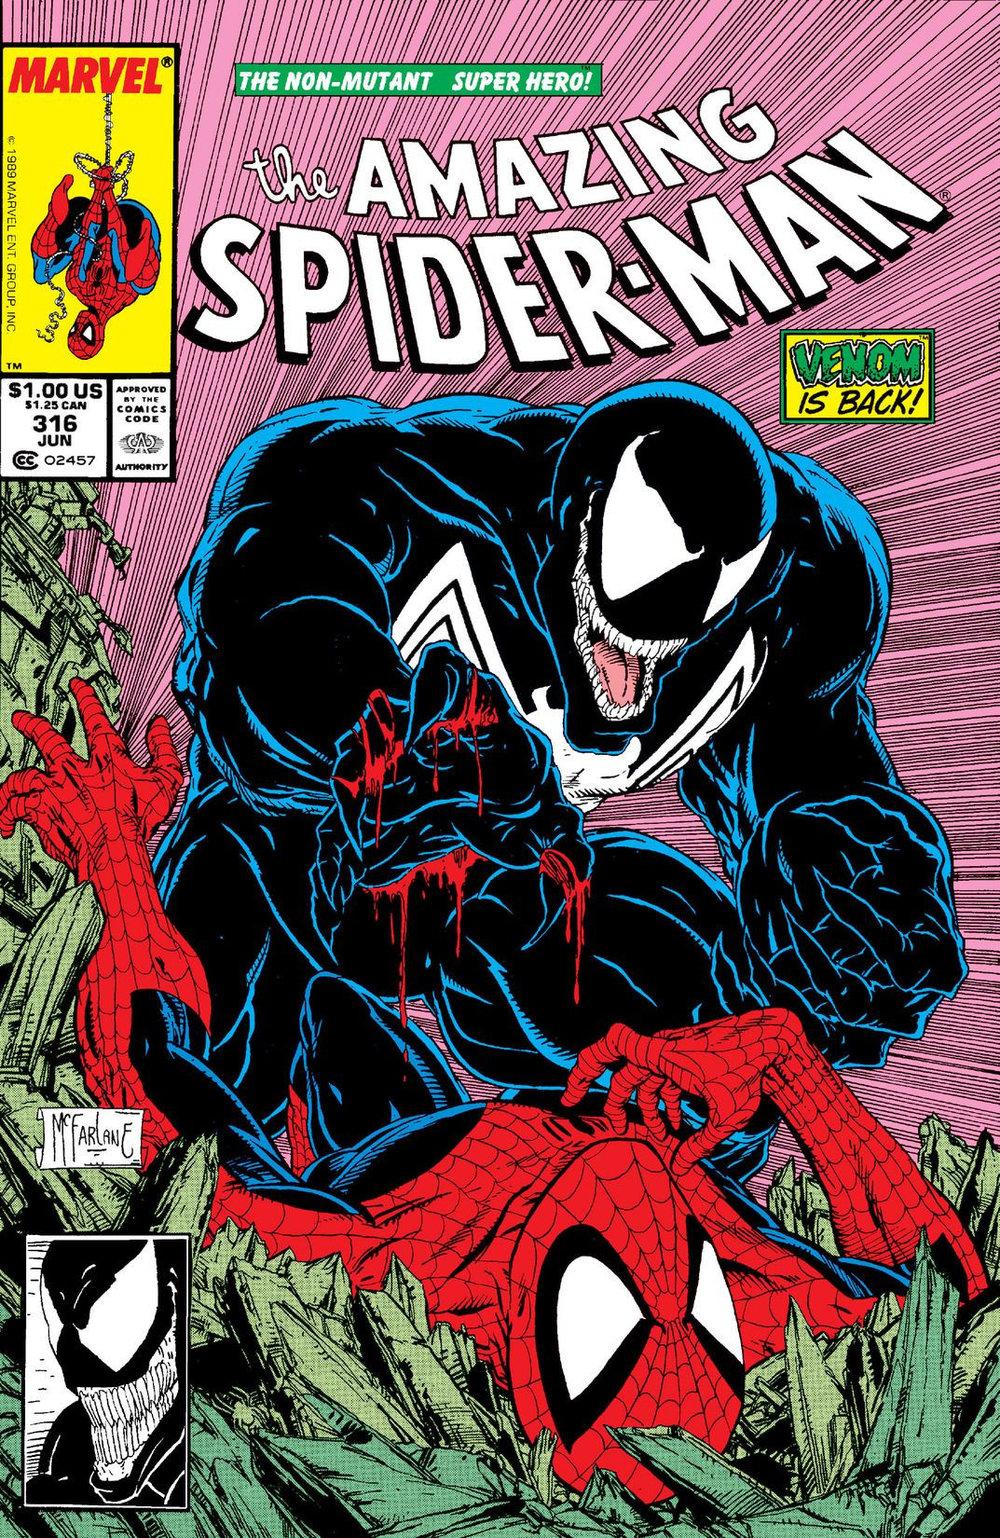 Amazing_Spider-Man_Vol_1_316.jpg